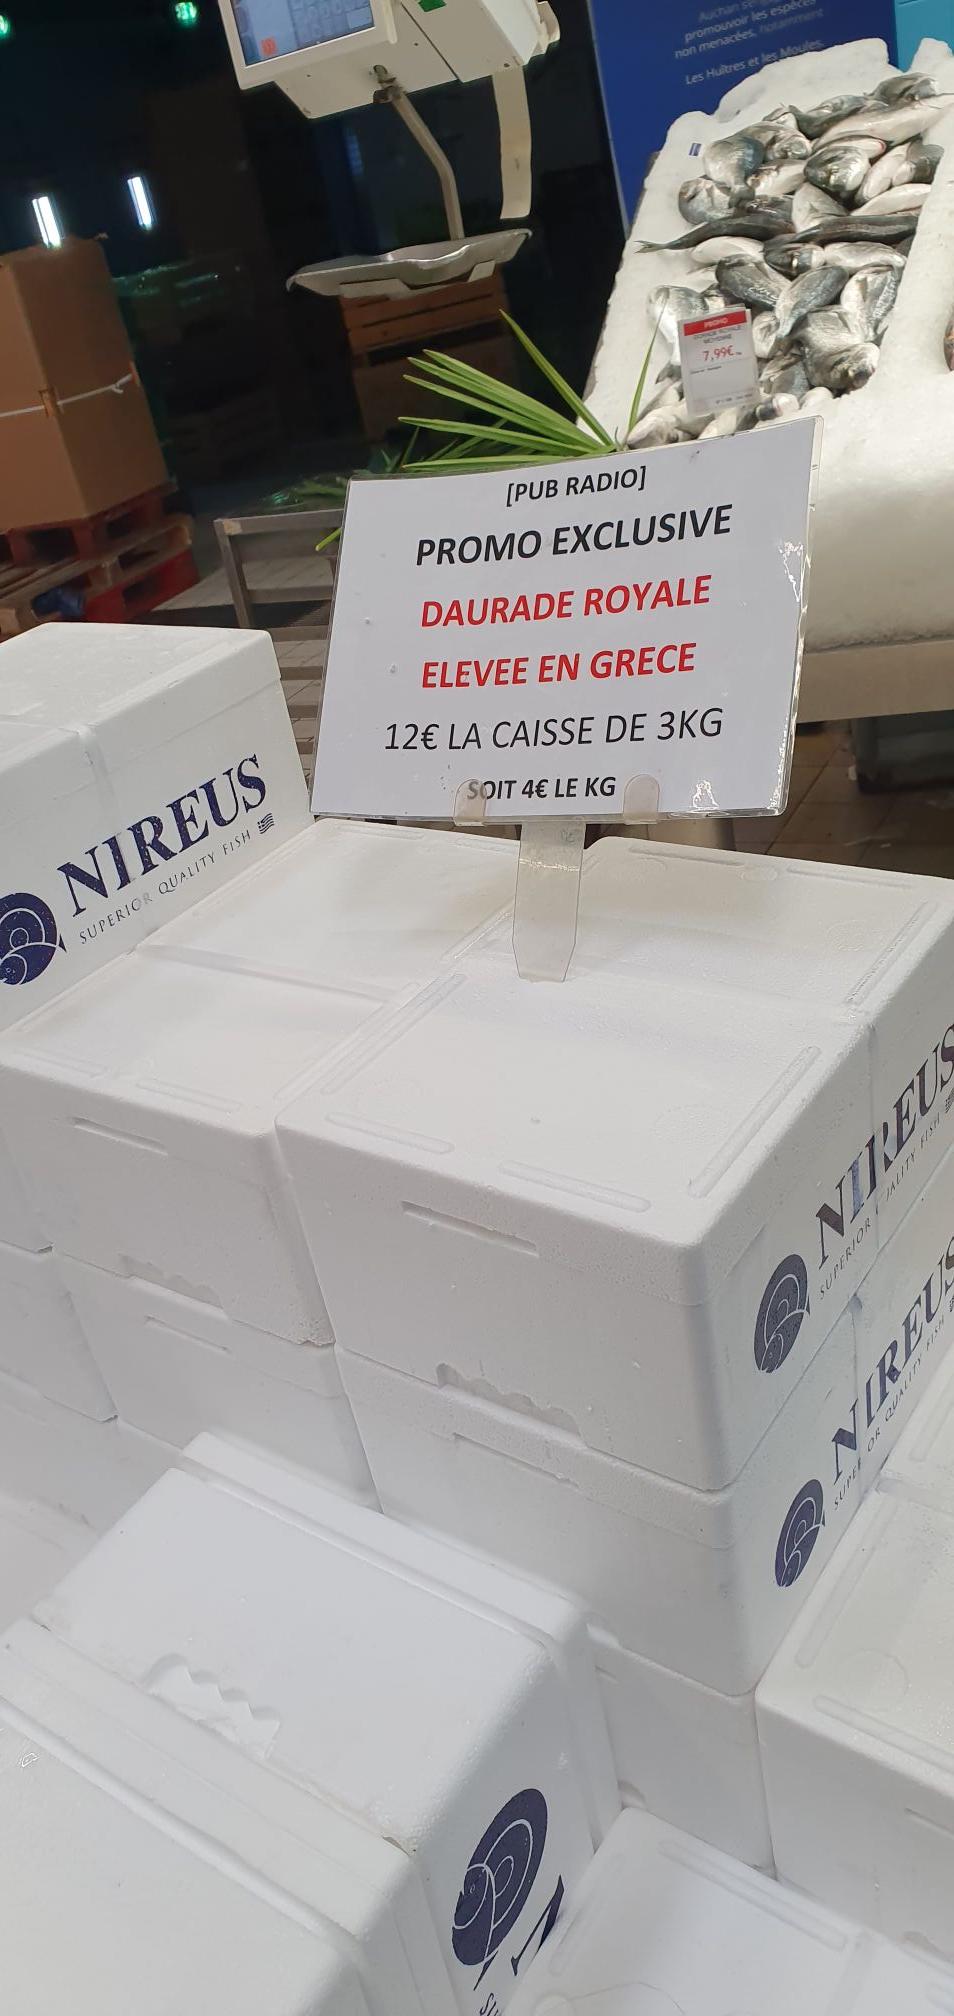 Caisse de 3kg de Dorades Royales d'élevages (Origine Grèce) - Saint-Priest (69)